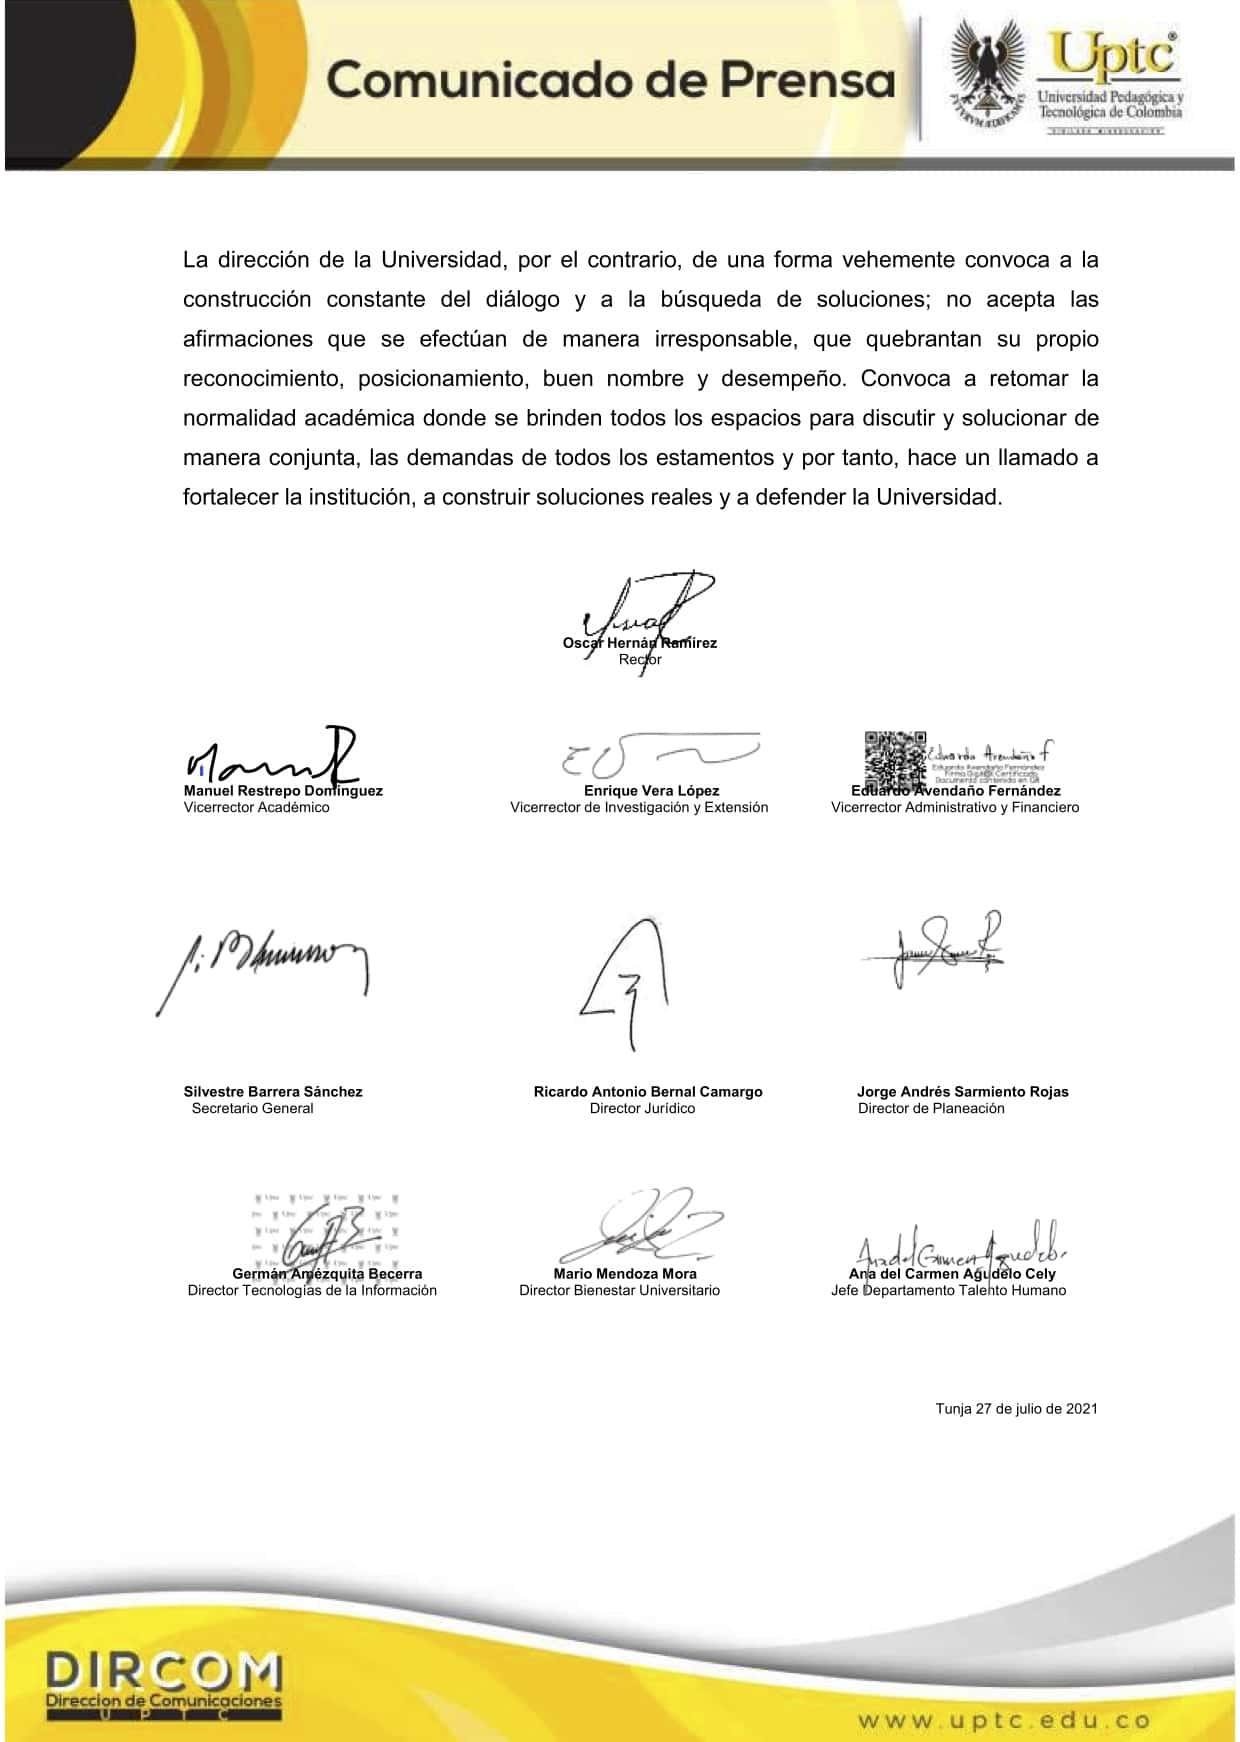 Comunicado de la Universidad Pedagógica y Tecnológica de Colombia - UPTC 4